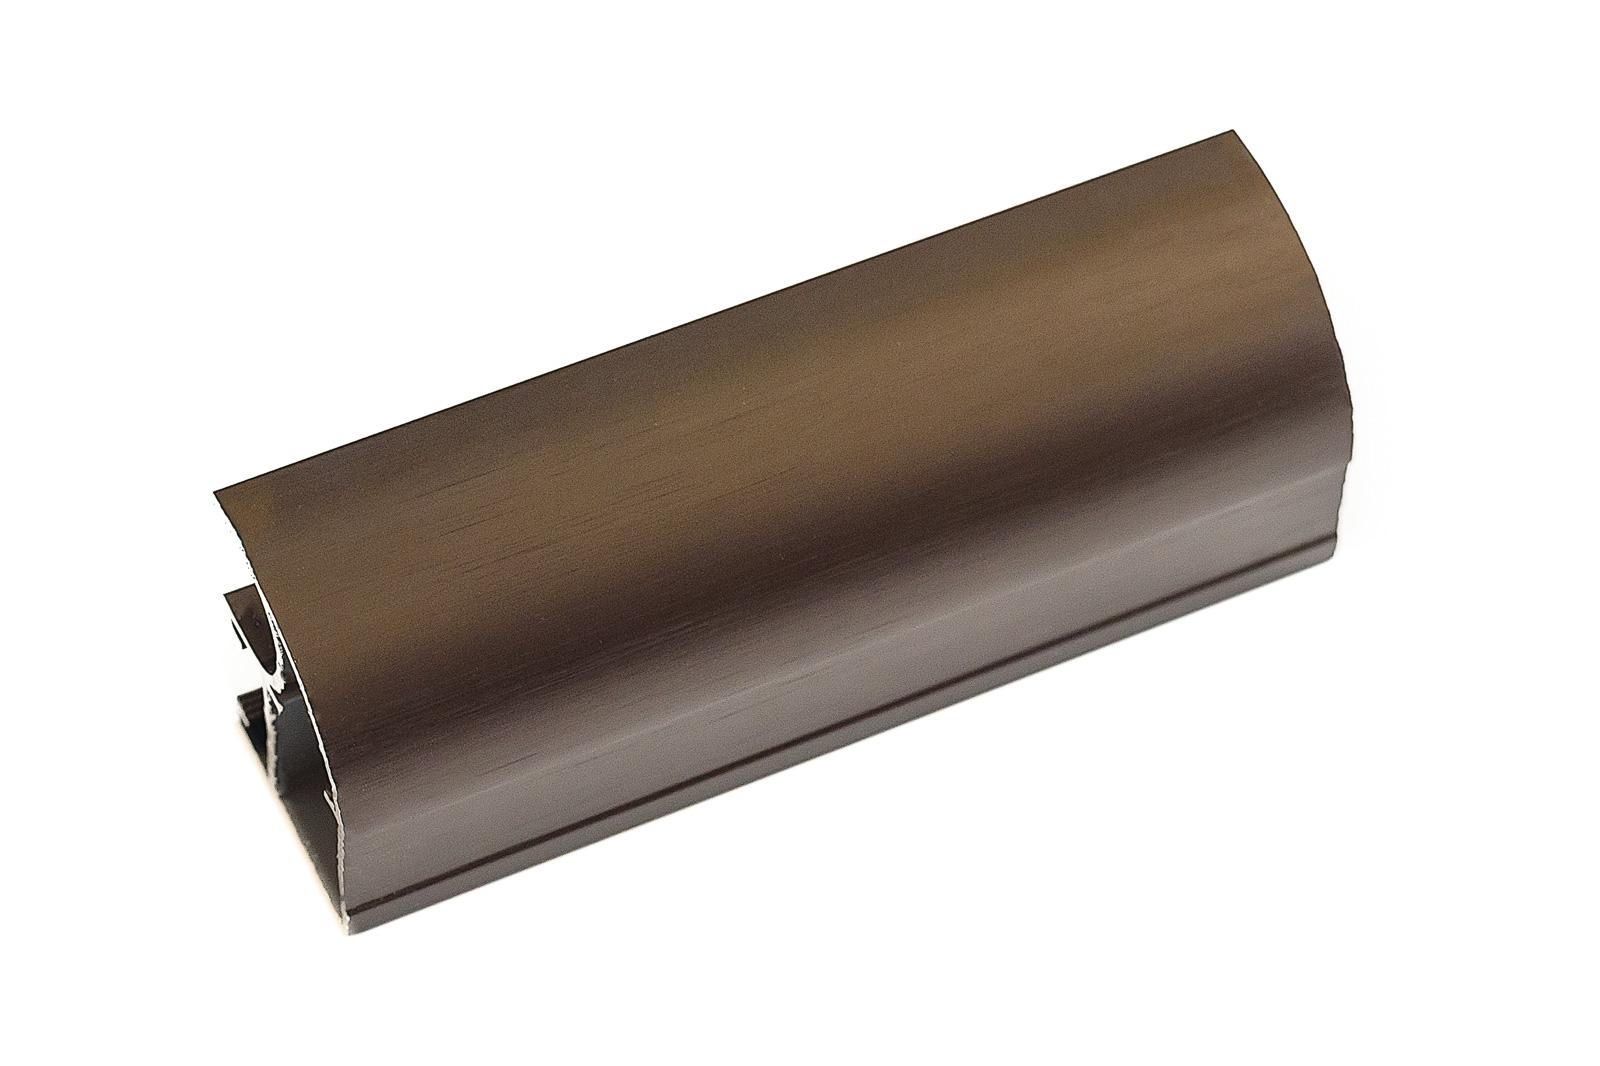 замков-петель являются позиции для шкаф купе алюминиевые фото вас широкий выбор